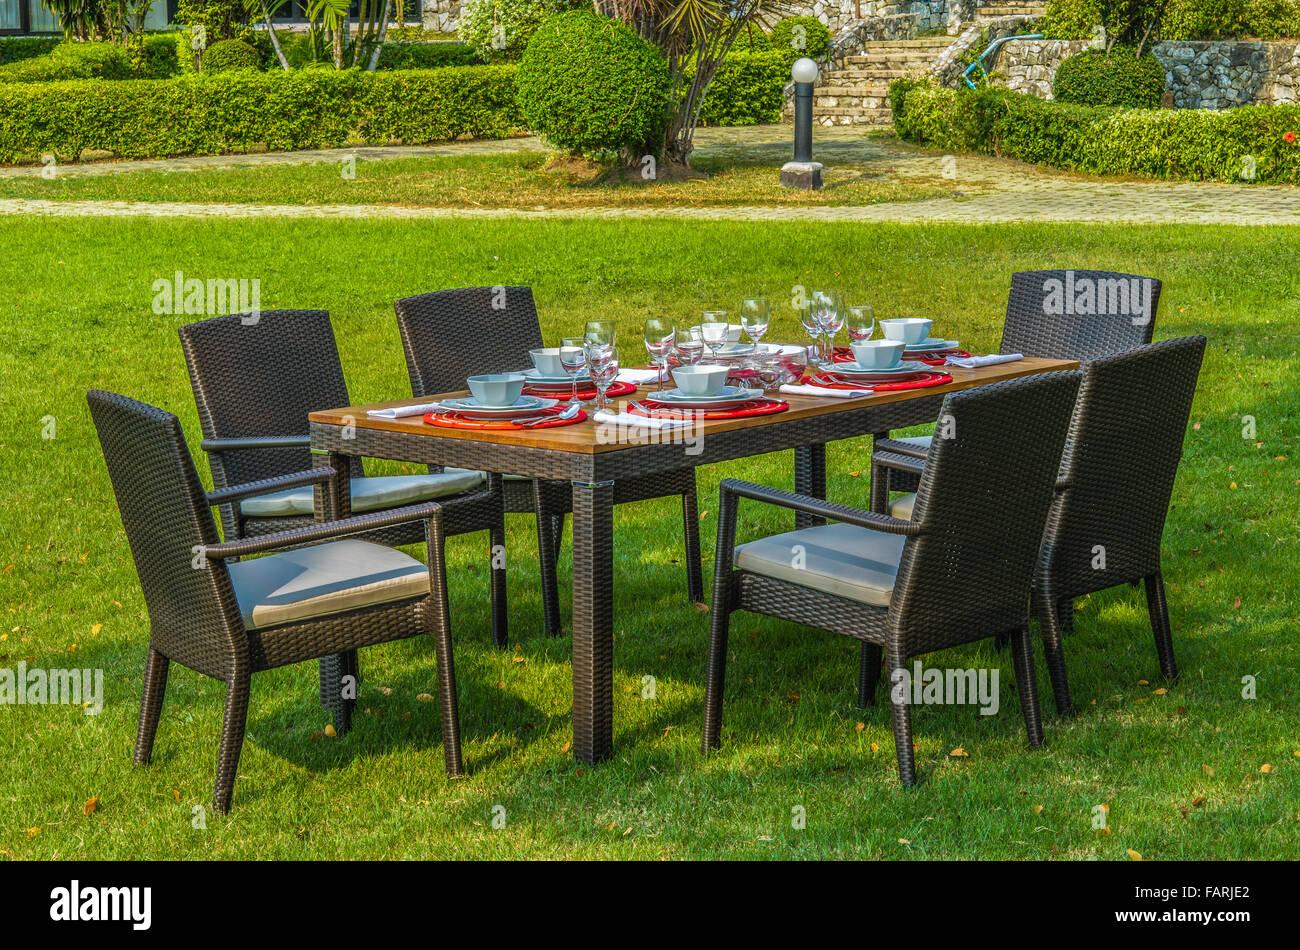 Tavolino Rattan Da Giardino.Il Rattan Tavolo E Sedie Da Giardino Con Acqua Resistente